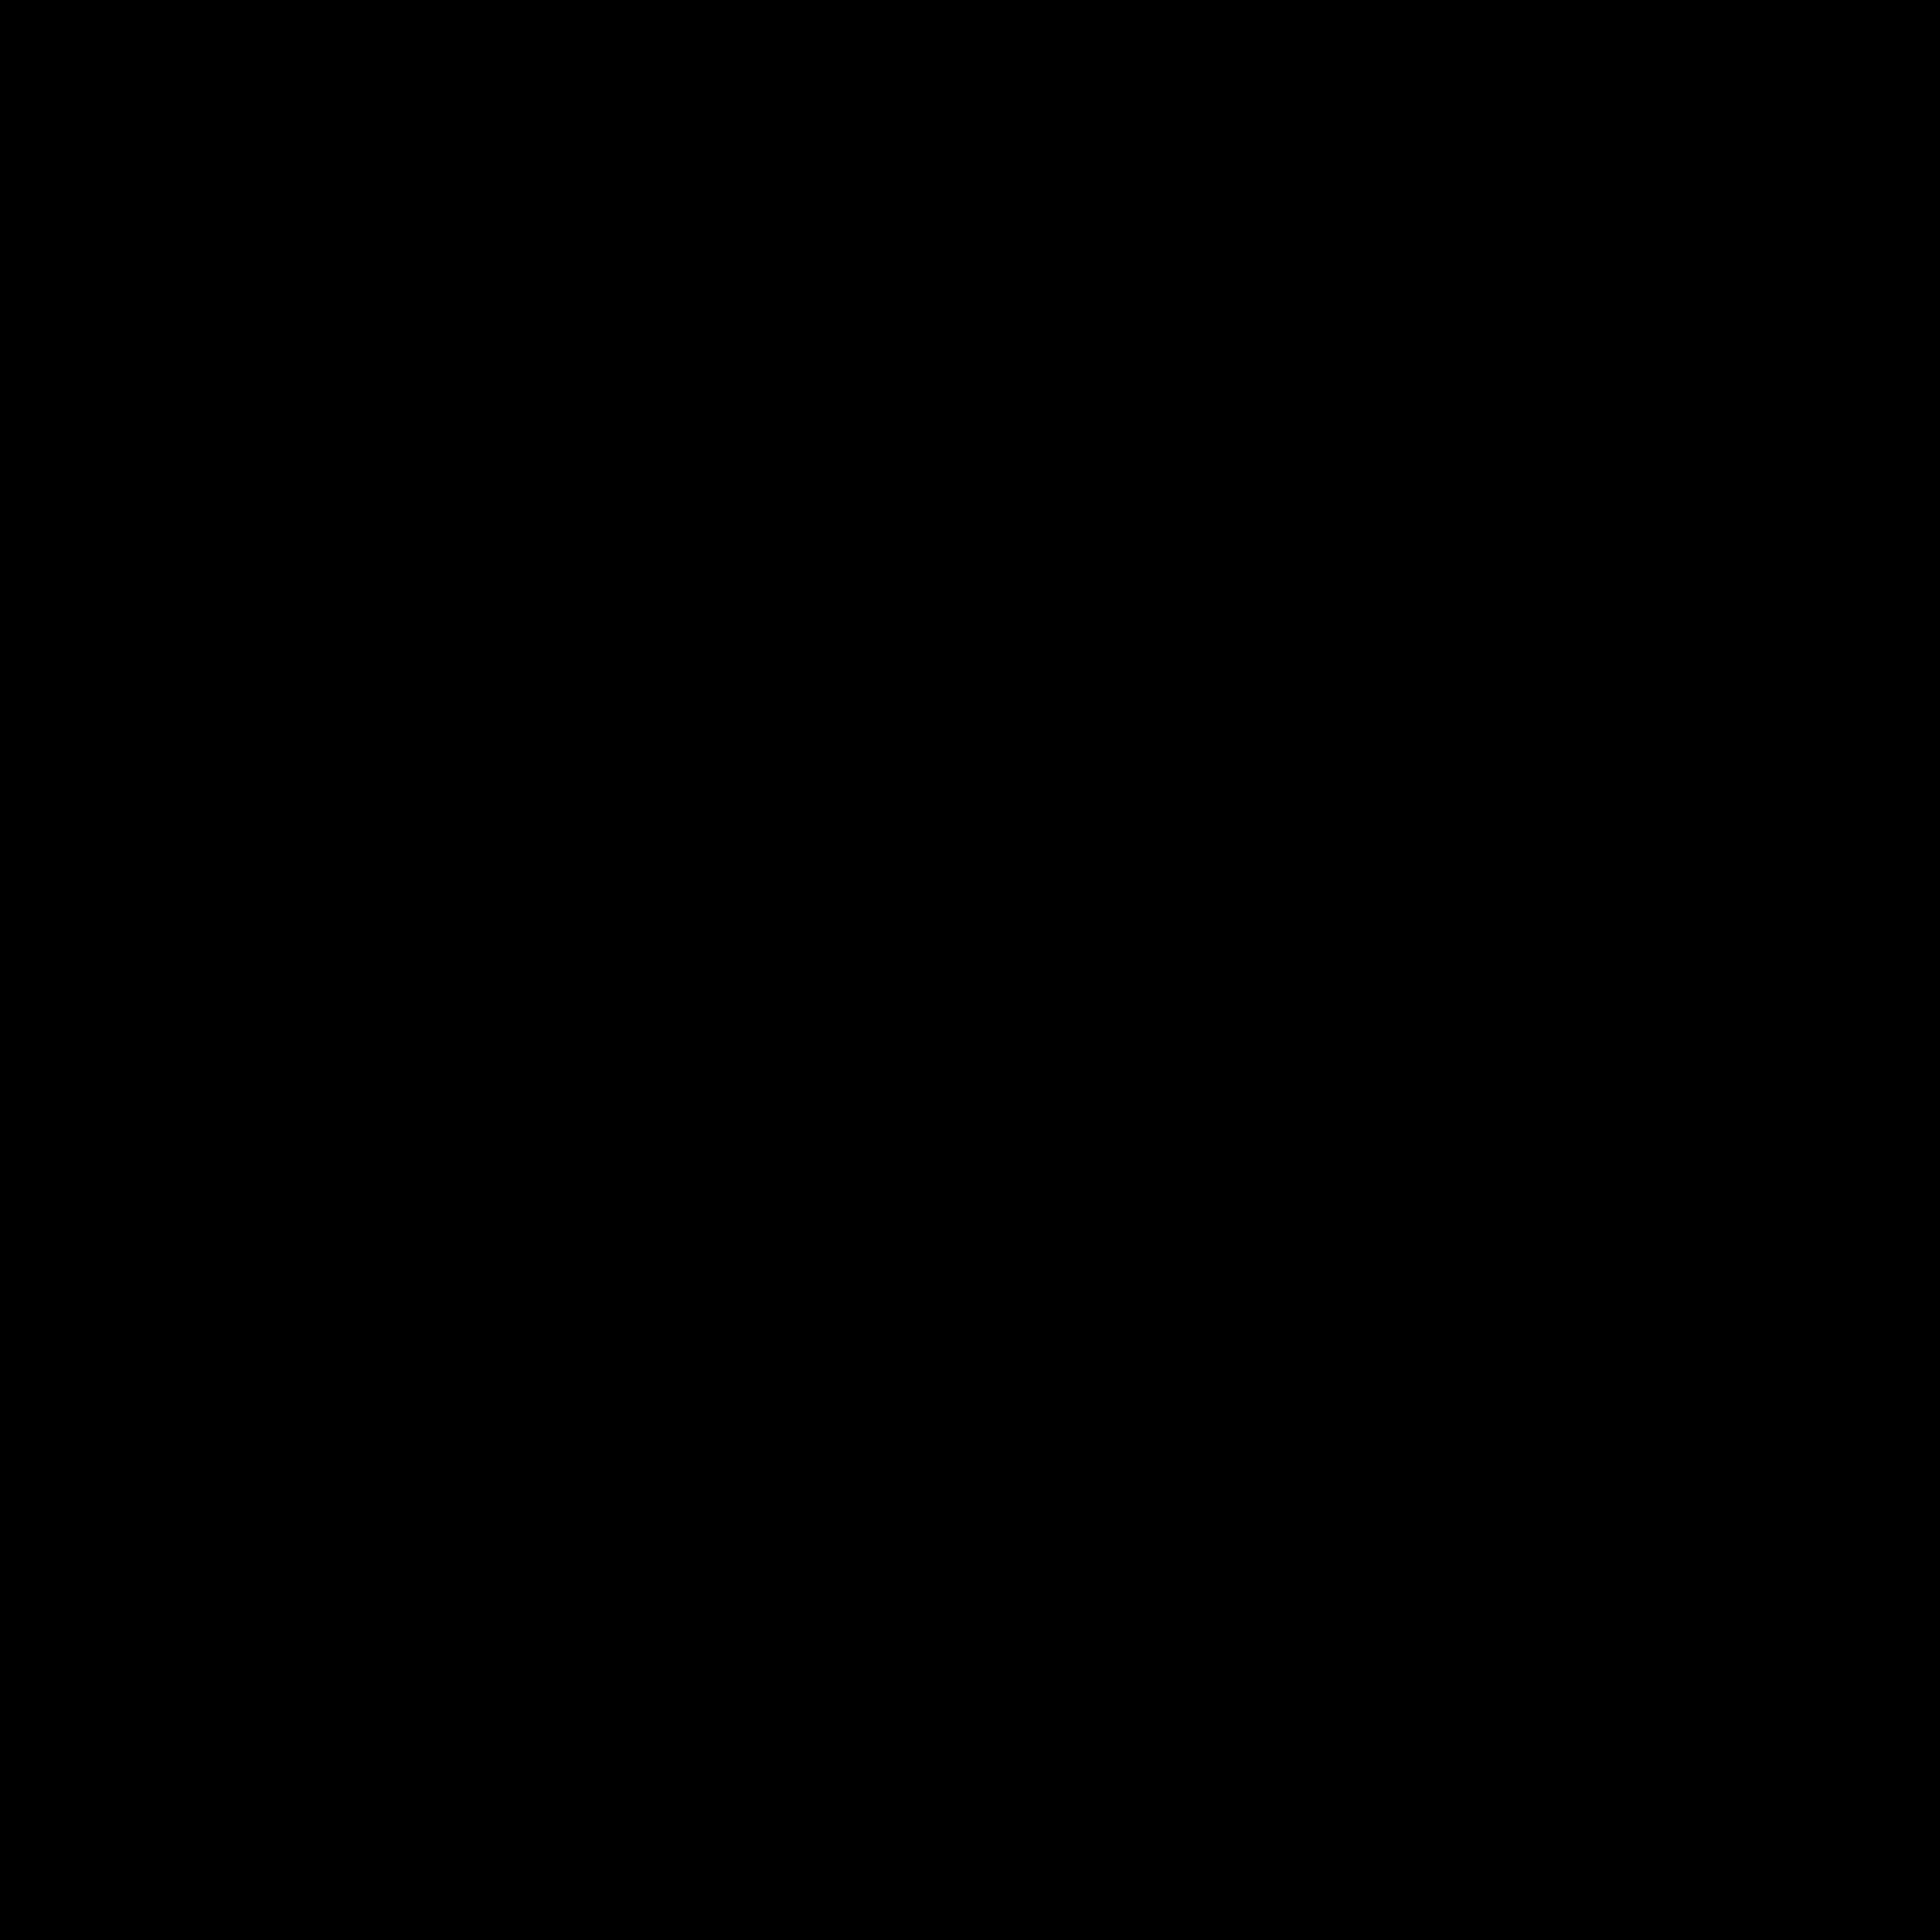 Hunter Douglas Logo PNG Transparent & SVG Vector.